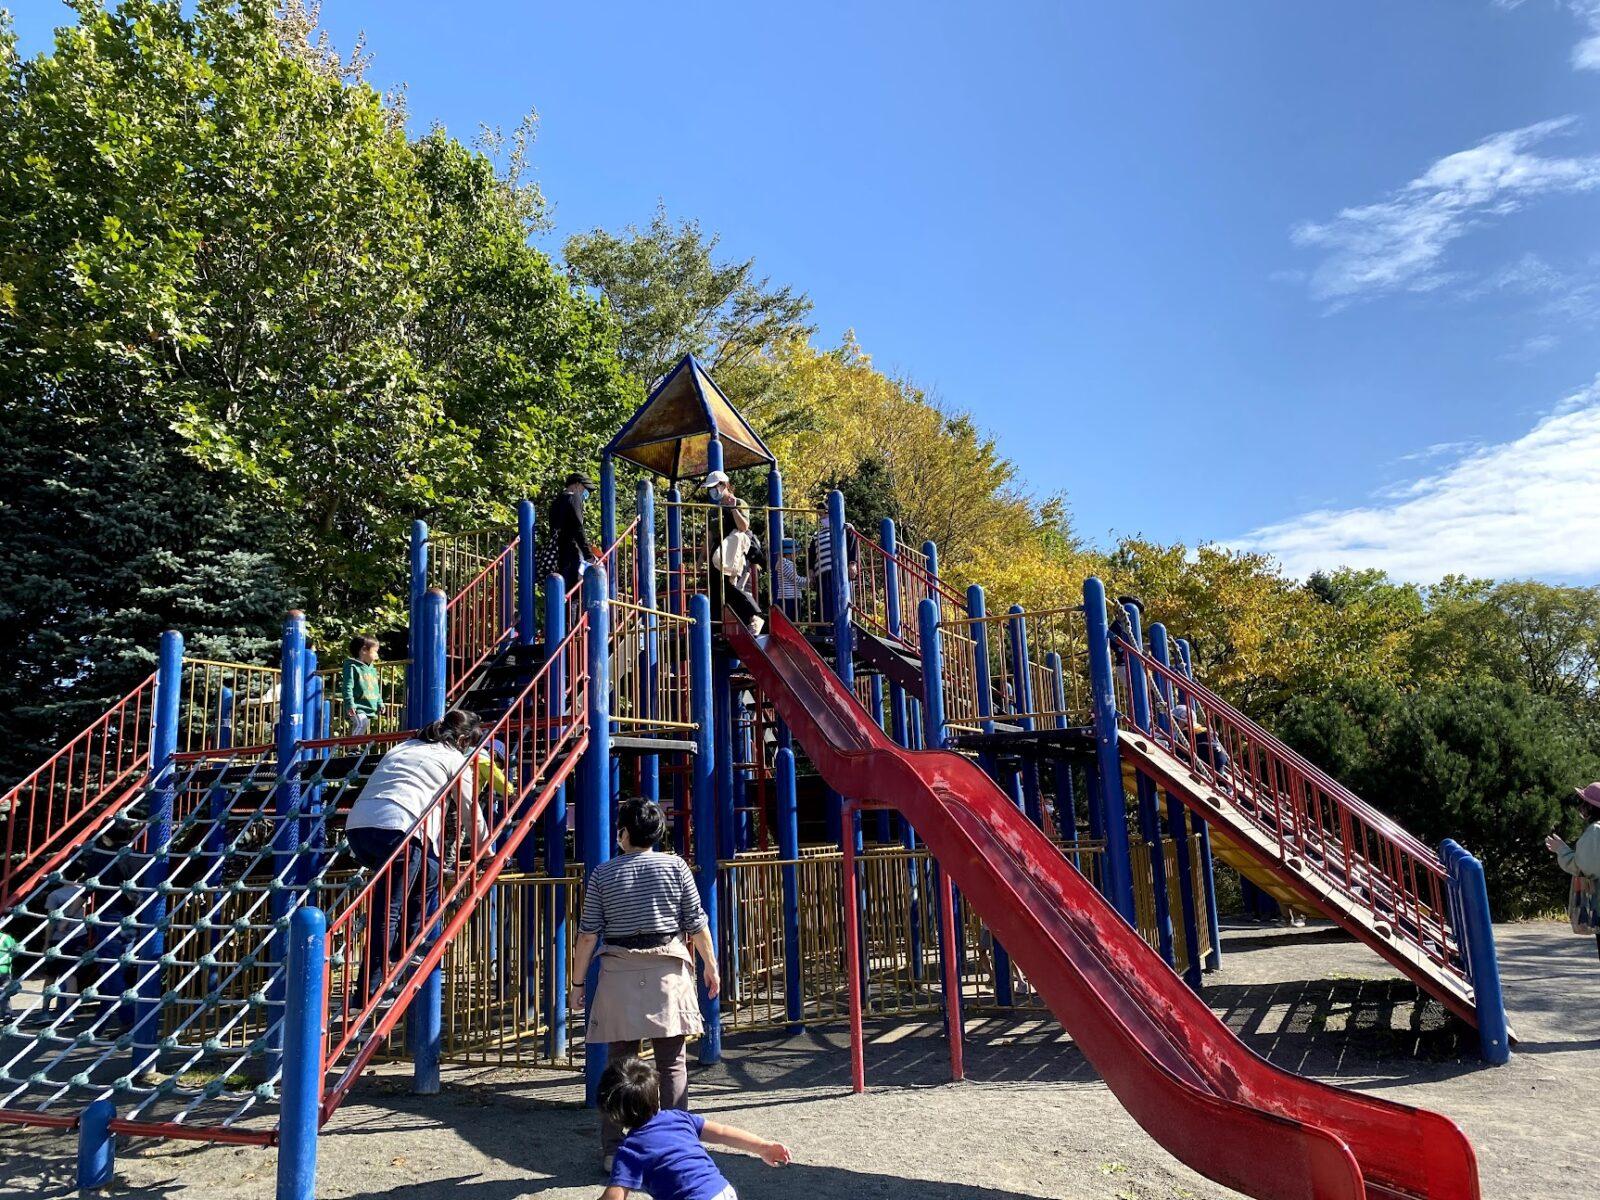 札幌 公園 百合が原公園 大型遊具